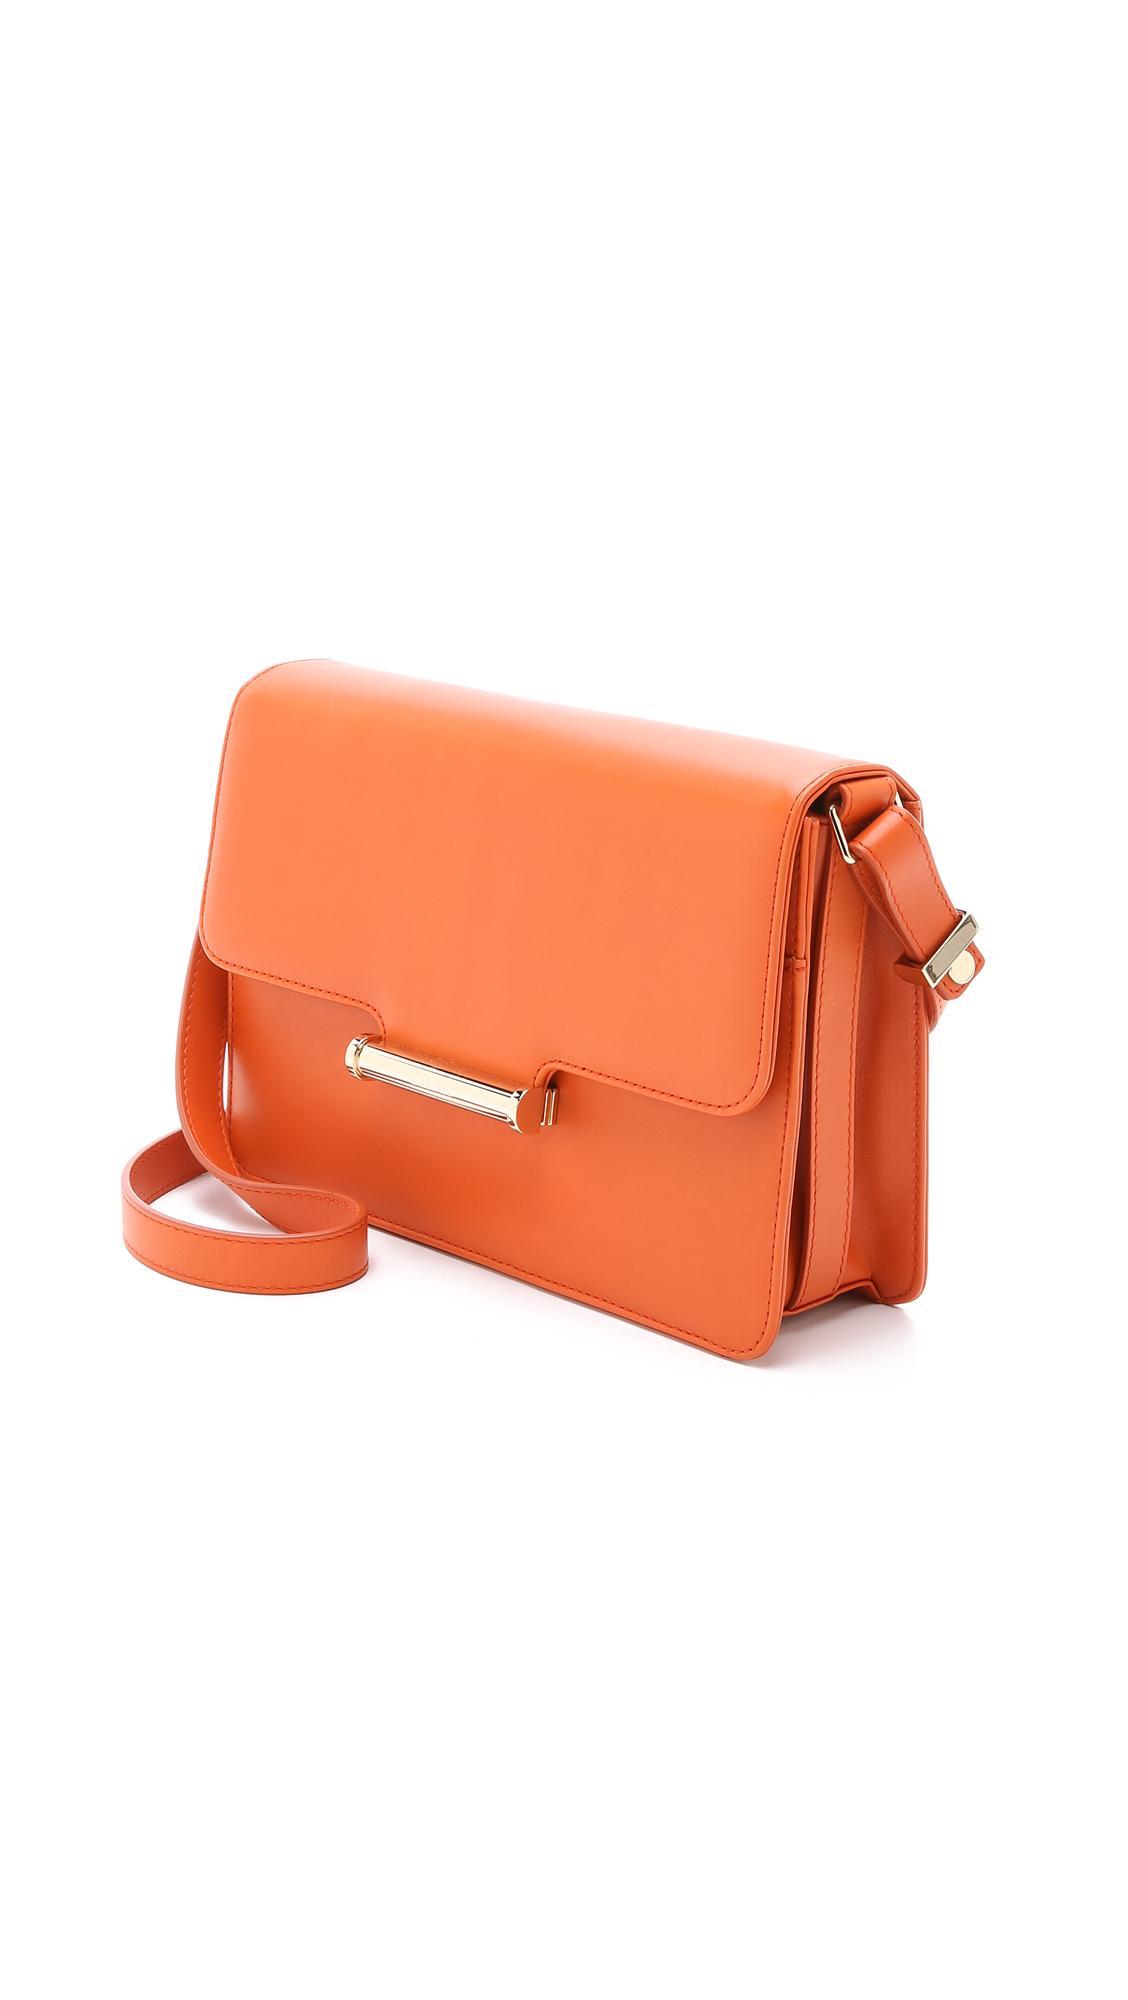 Jason Wu Diane Large Shoulder Bag - Burnt Orange